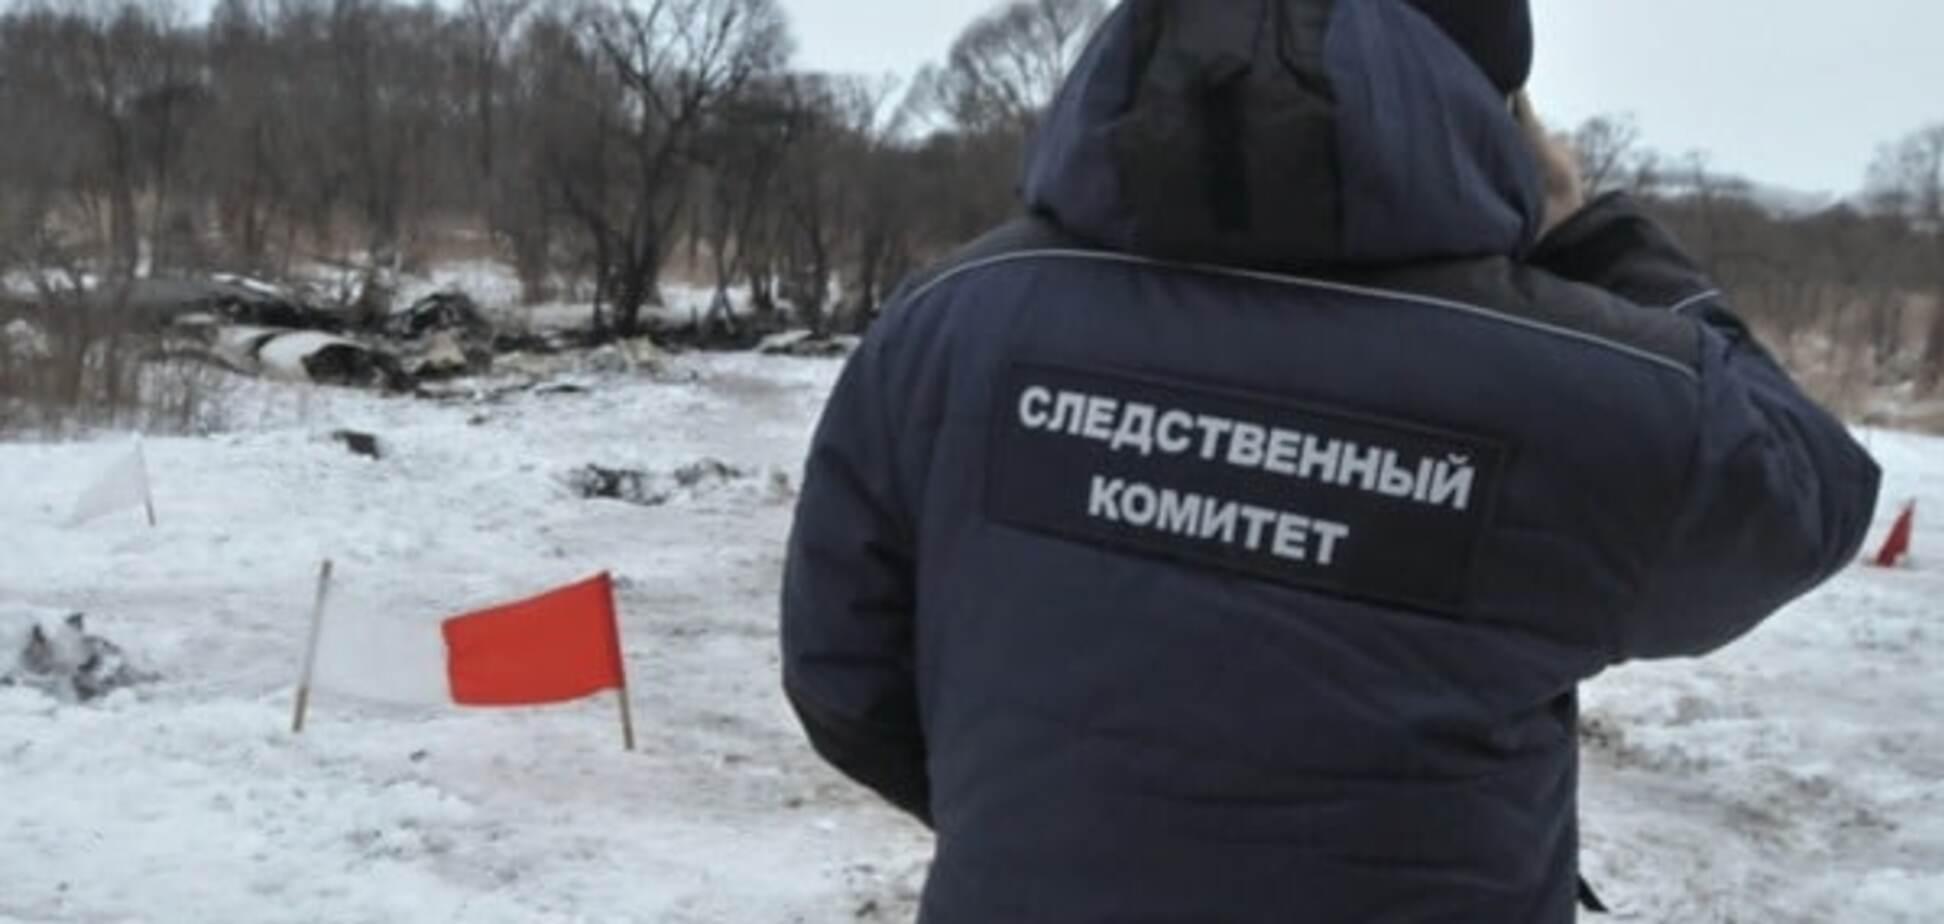 У Росії знайшли тіло біженця з Донецька, підозрюваного у вбивстві власної сім'ї